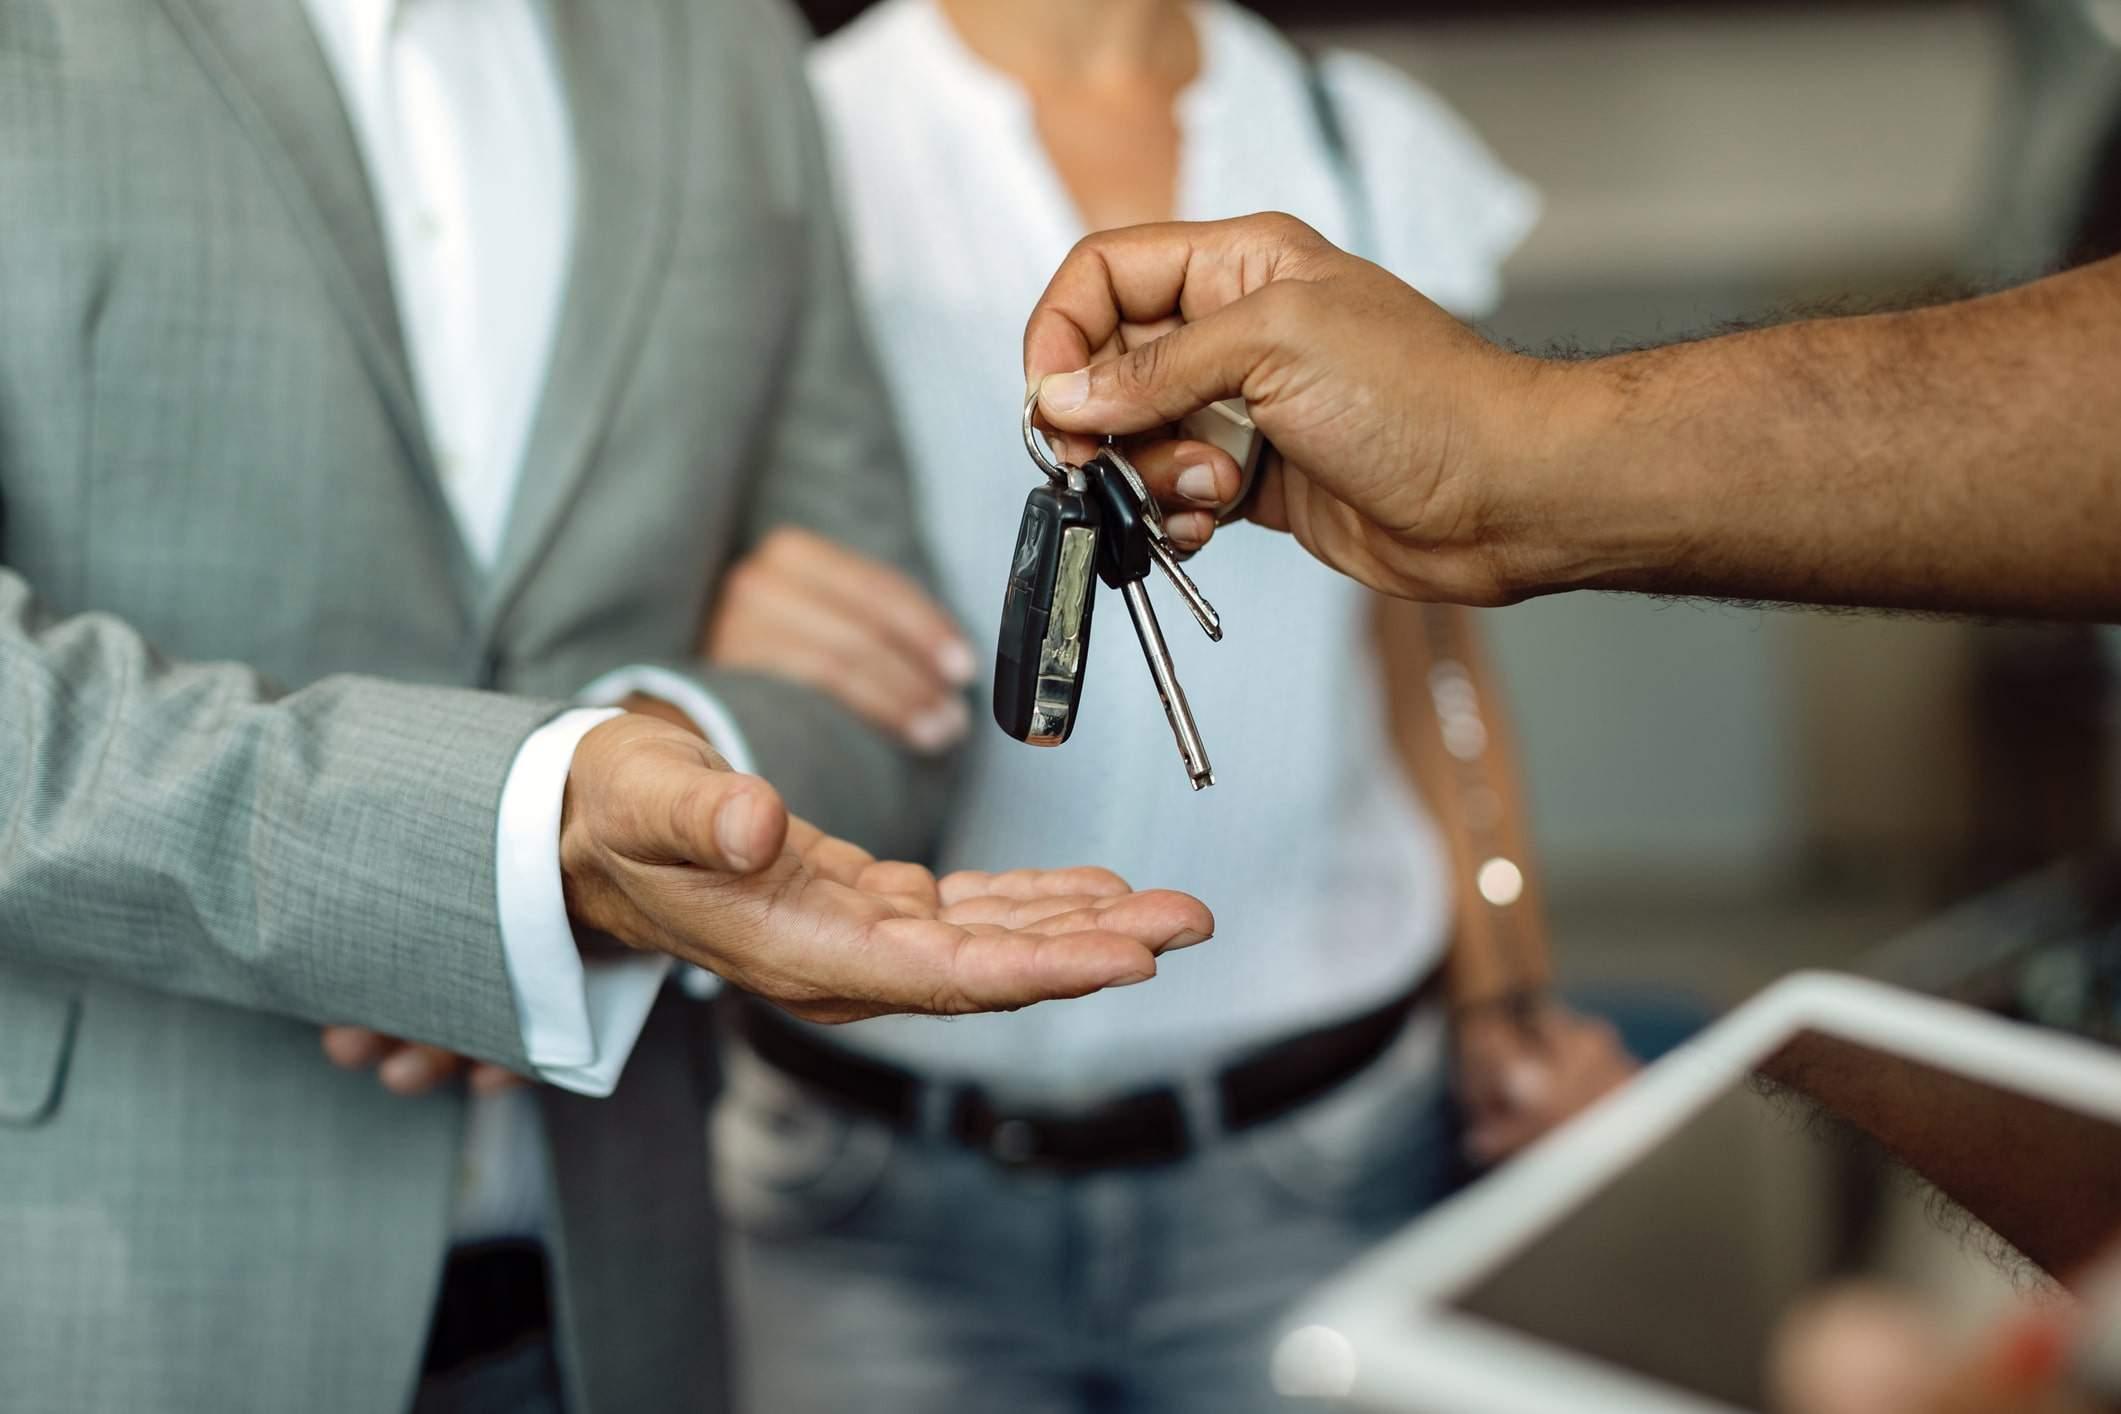 Vehicle Hire Pick Up Procedures